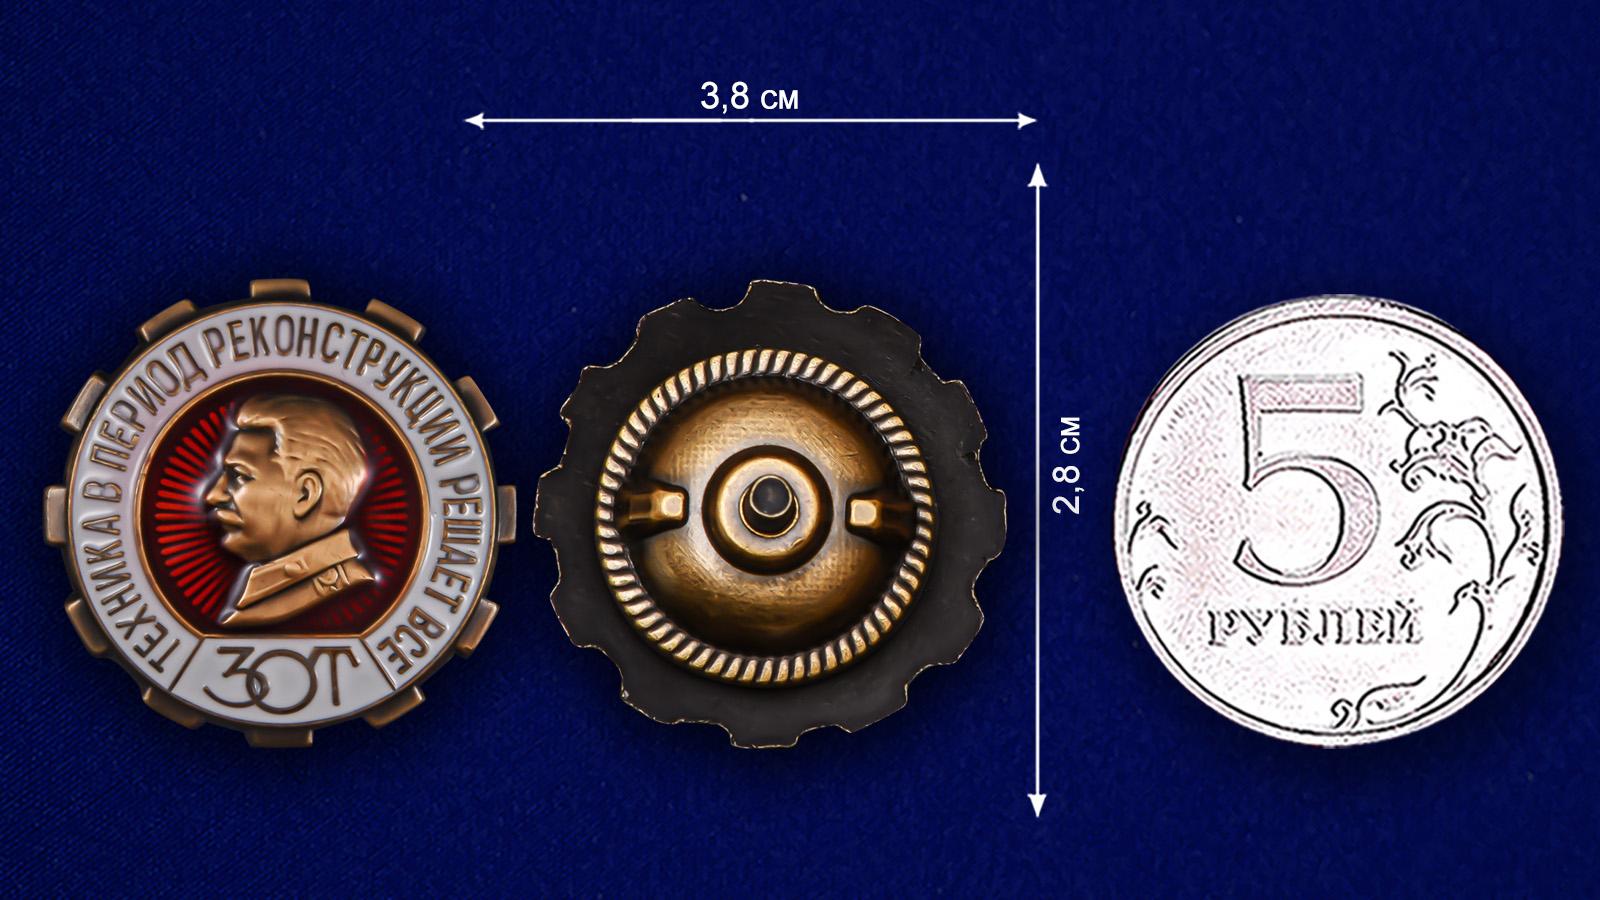 Памятный знак ЗОТ. Техника в период реконструкции решает все - сравнительный вид